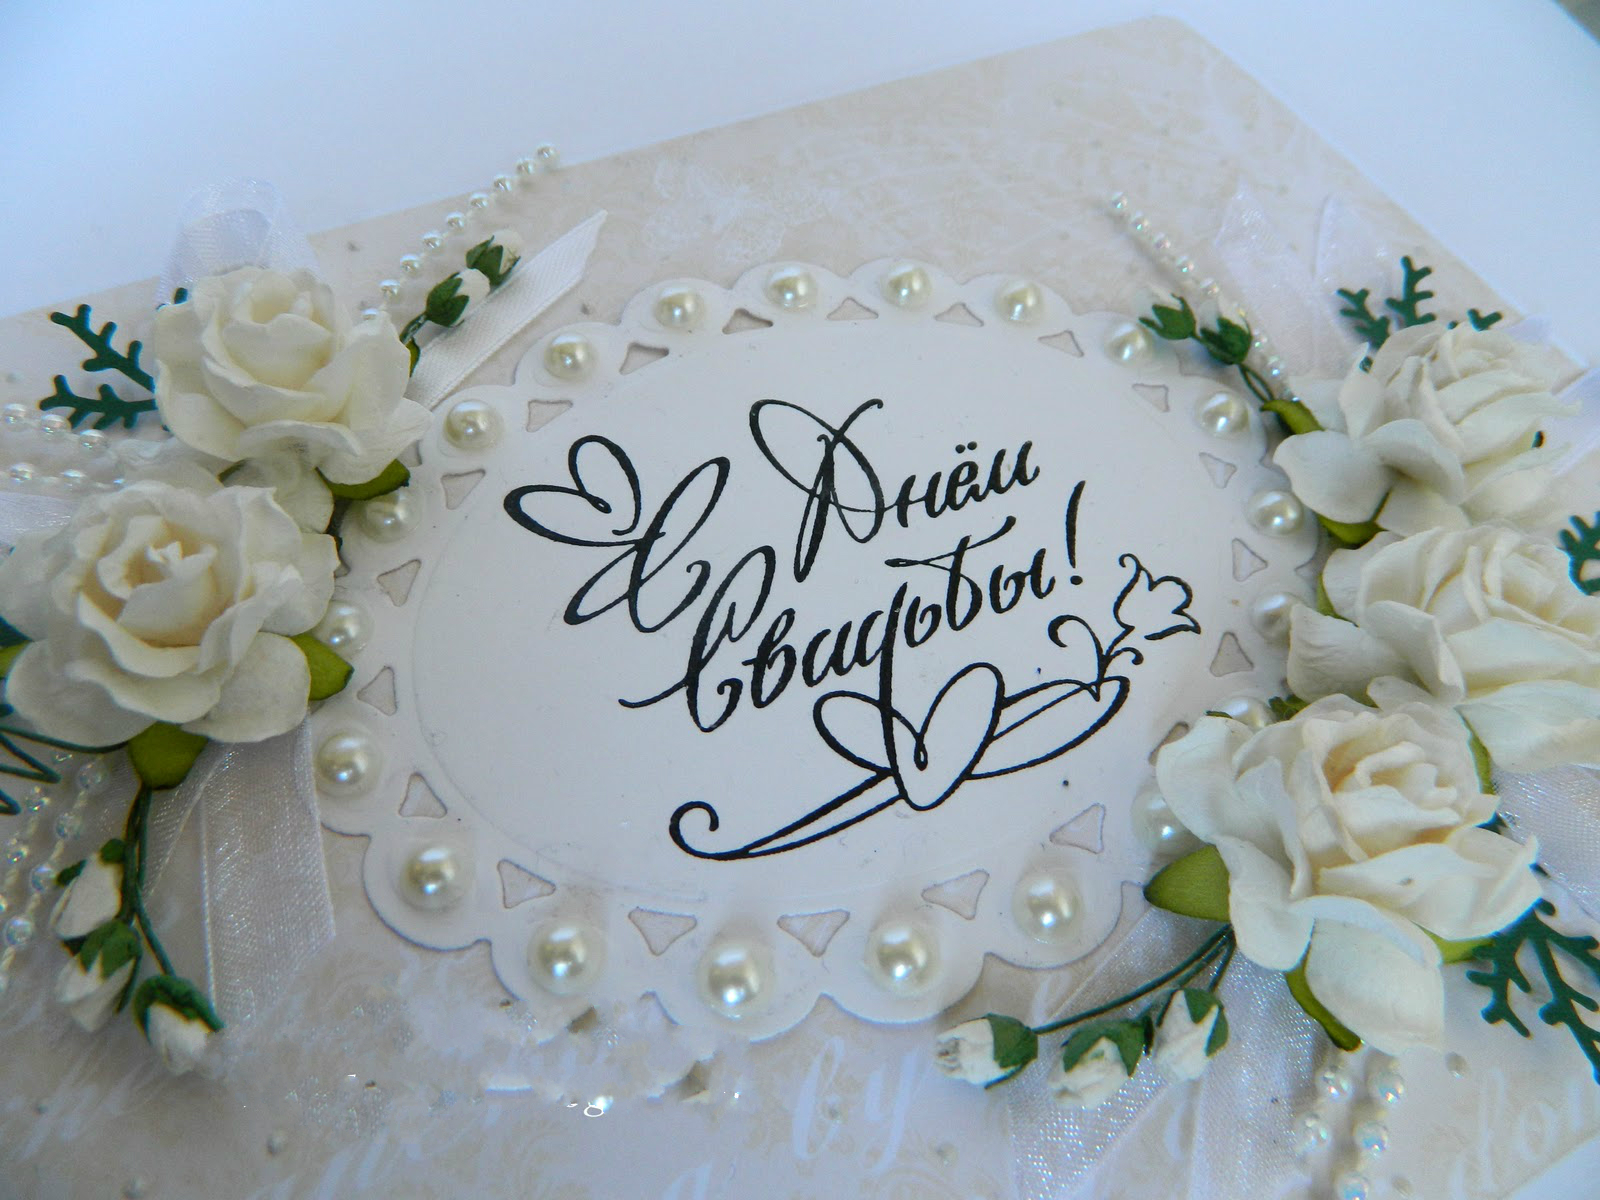 Самое красивые открытки с днем свадьбы знаете, вот